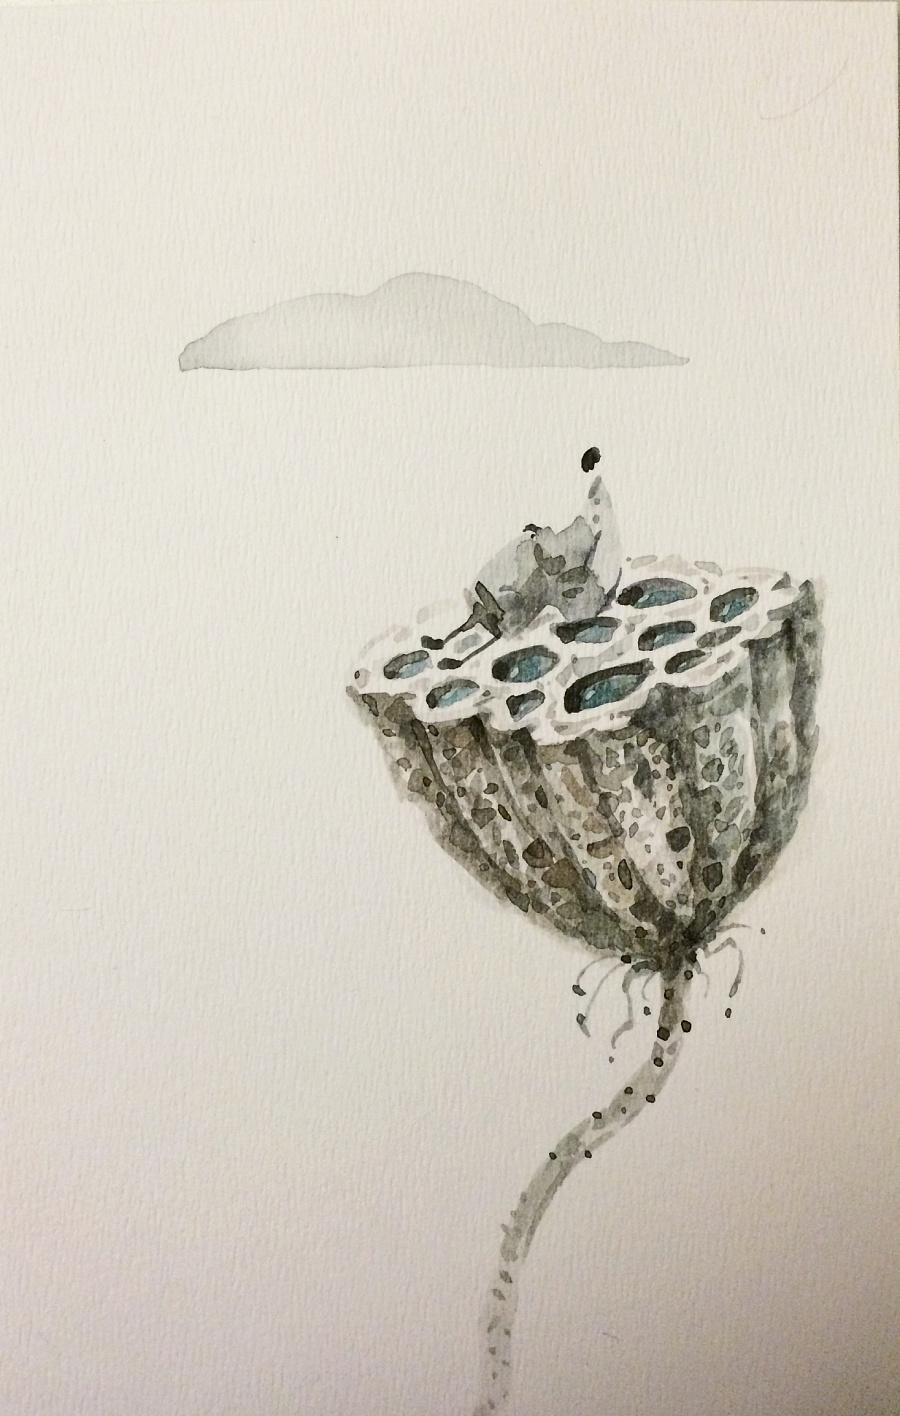 查看《吉祥物语插画日记【三十二】之水彩明信片》原图,原图尺寸:1467x2308